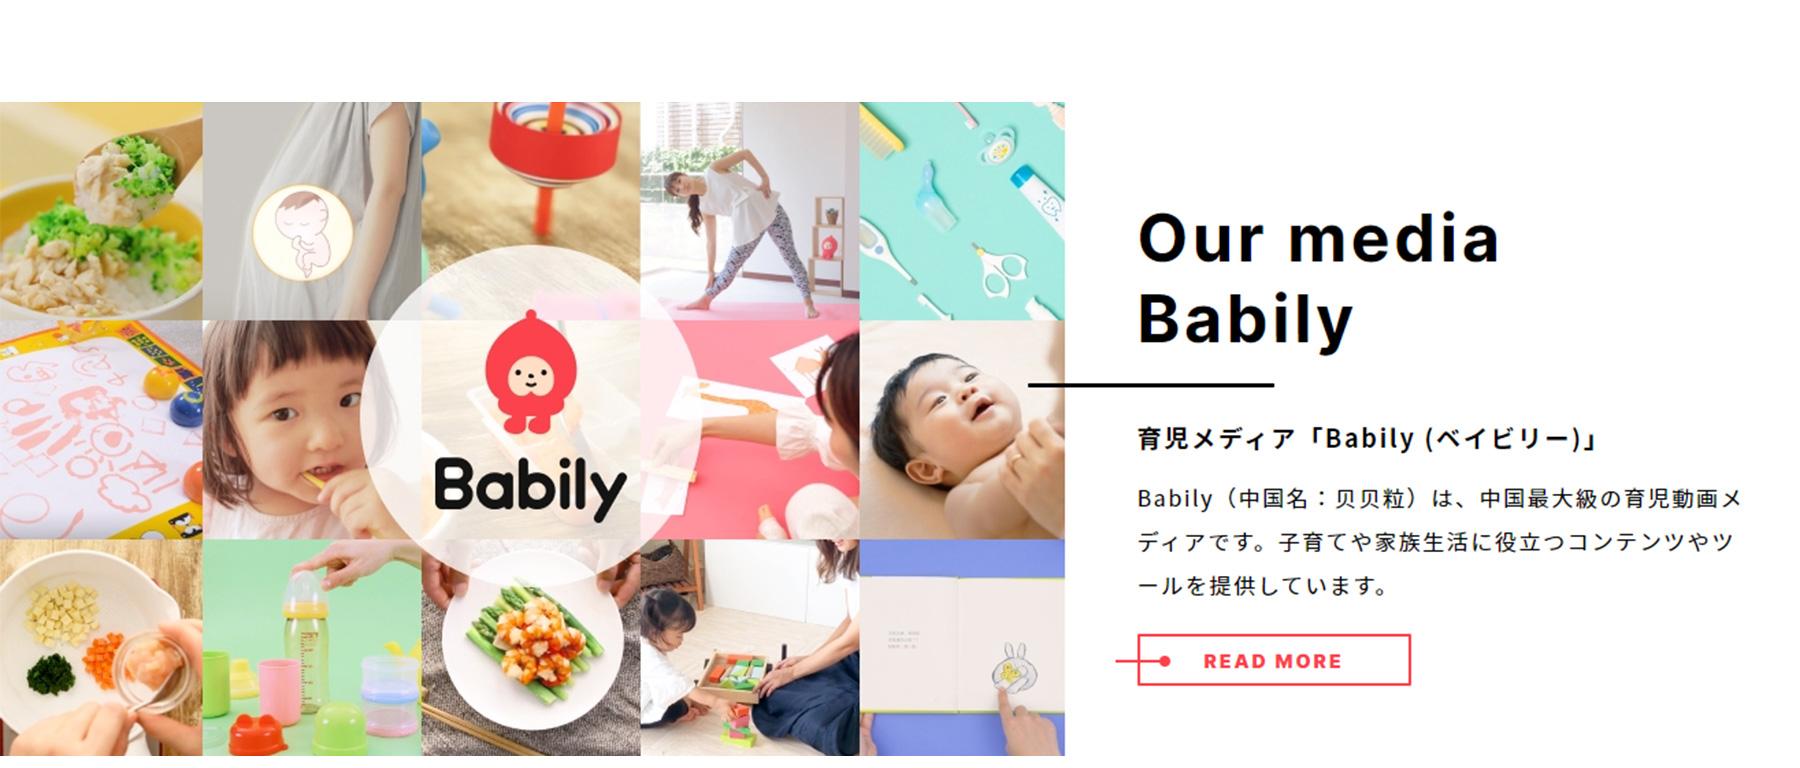 Onedot『Babily』の紹介